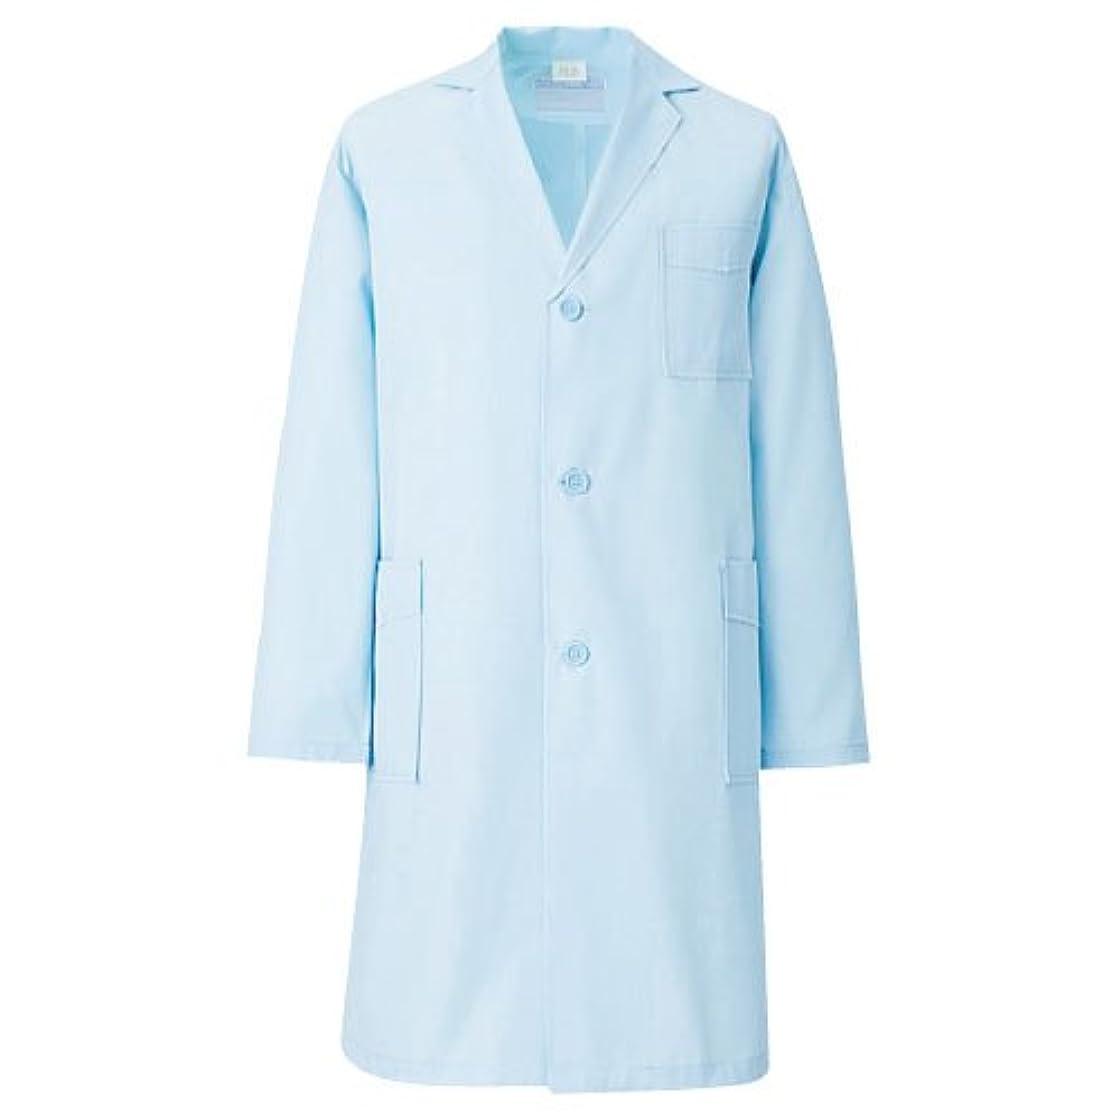 見習い溶融予備医療/介護ユニフォーム 白衣 メンズ診察衣長袖 KAZEN サックス サイズ:L 251-91